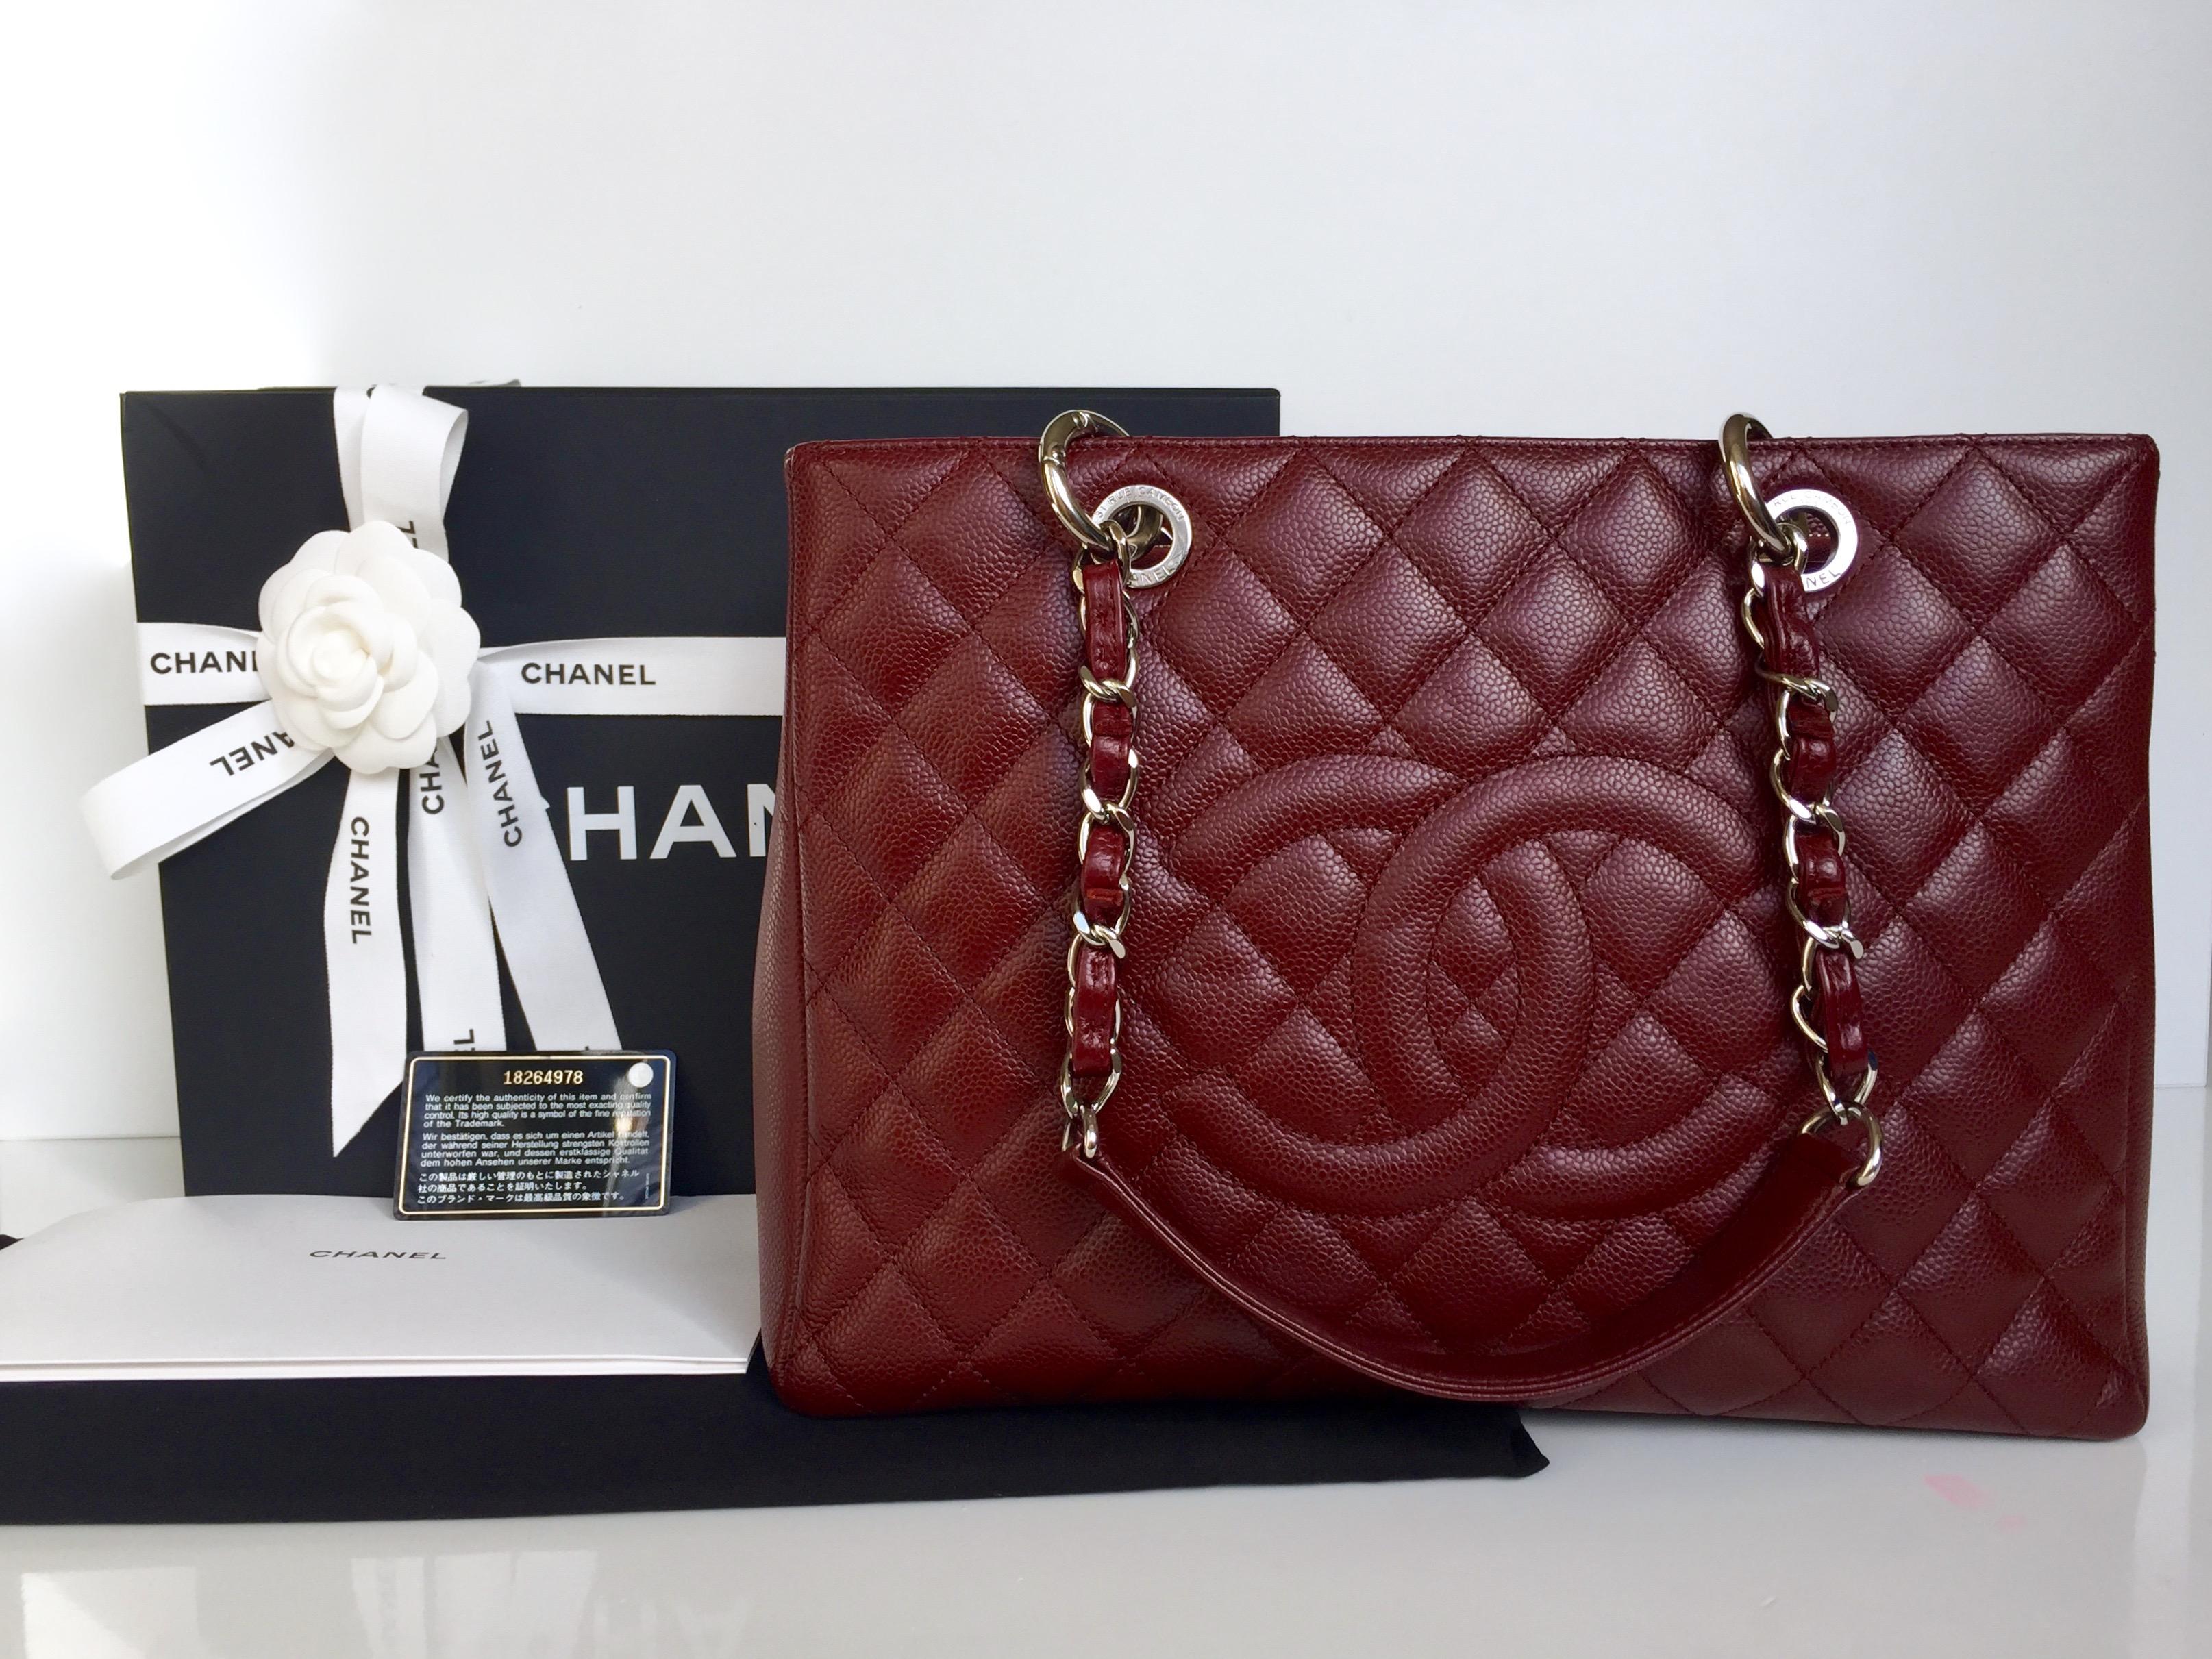 e9856680ebc0 Home/Chanel/CHANEL Grand Shopping Tote (GST) Burgundy Caviar Silver  Hardware 2013. ; 